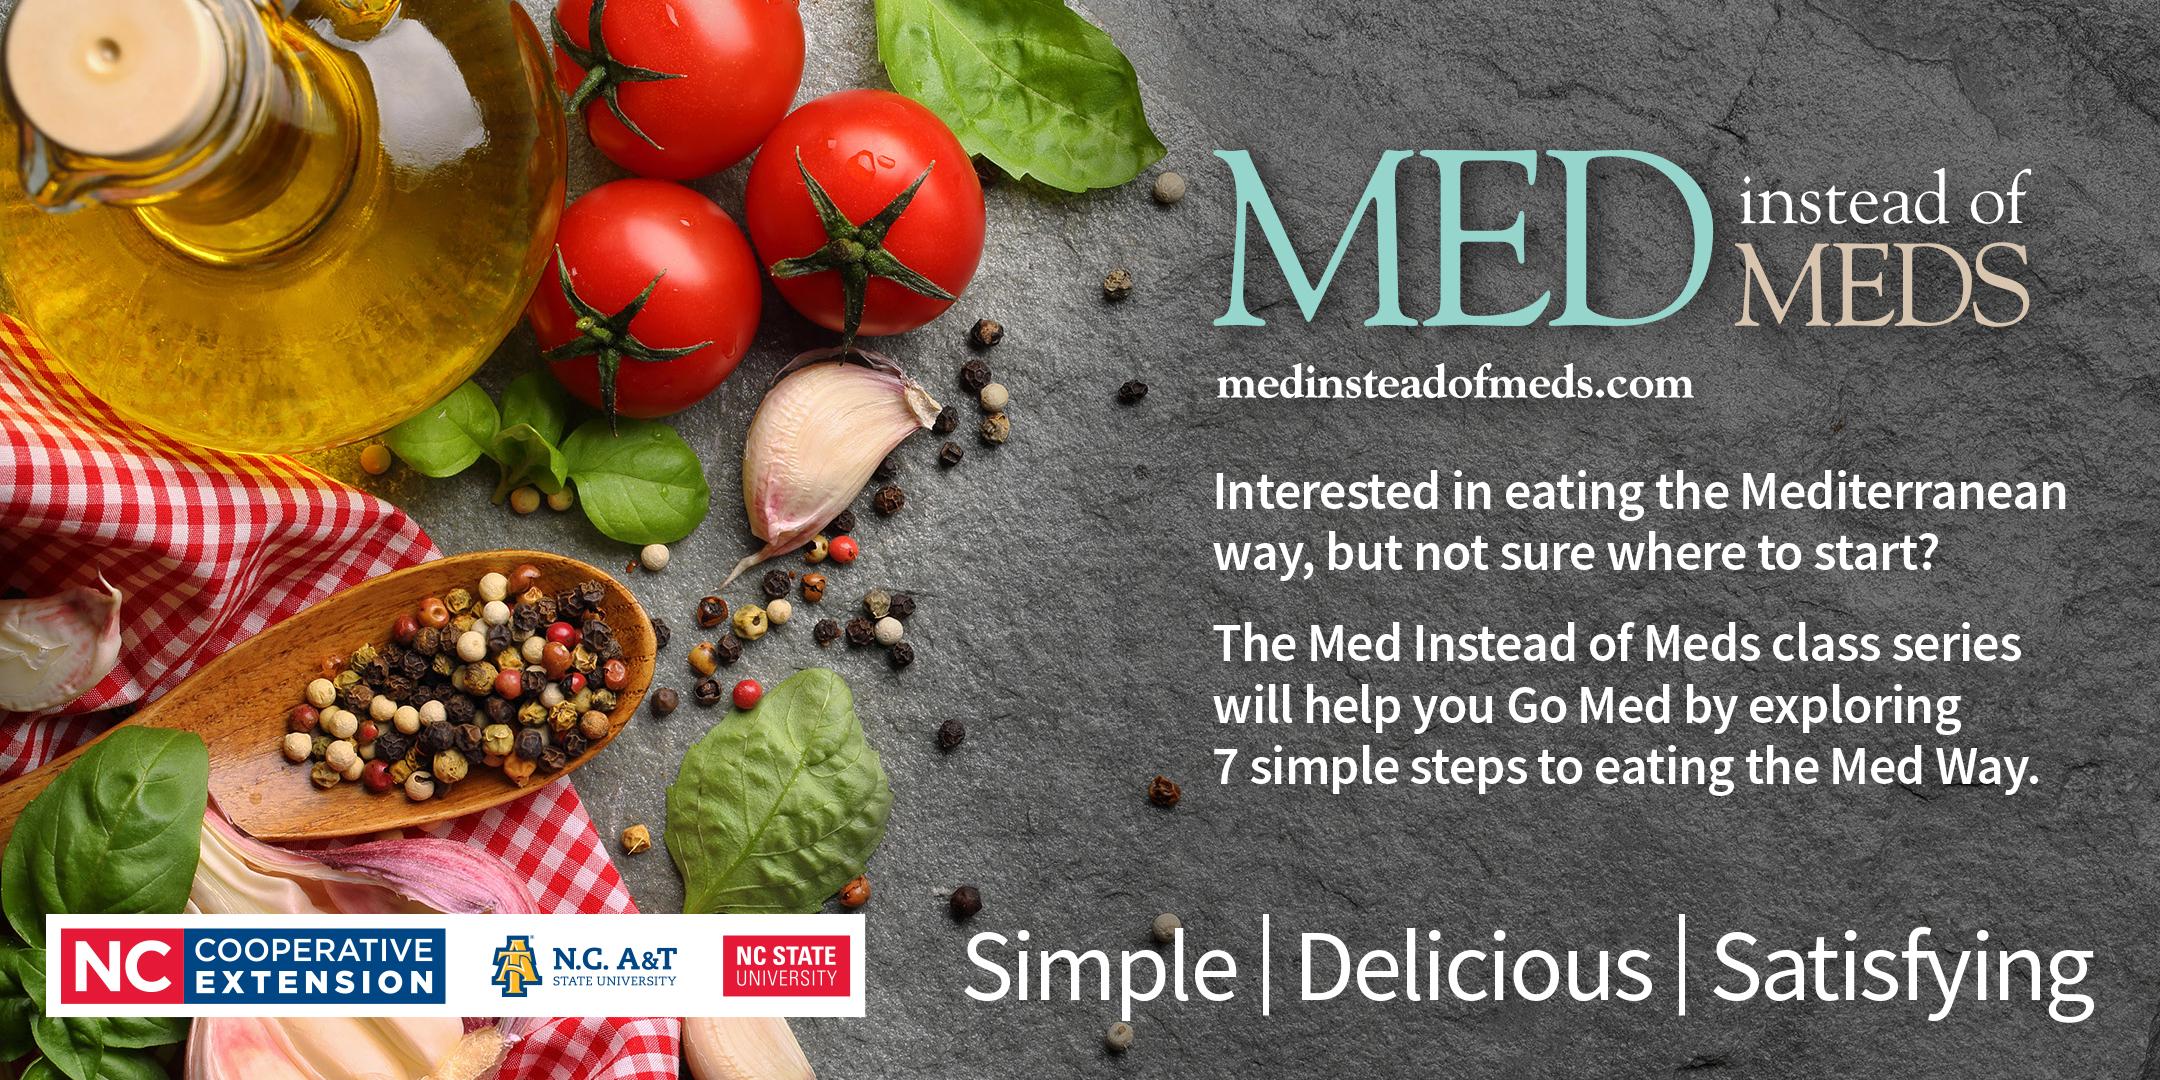 Med instead of Meds Flyer